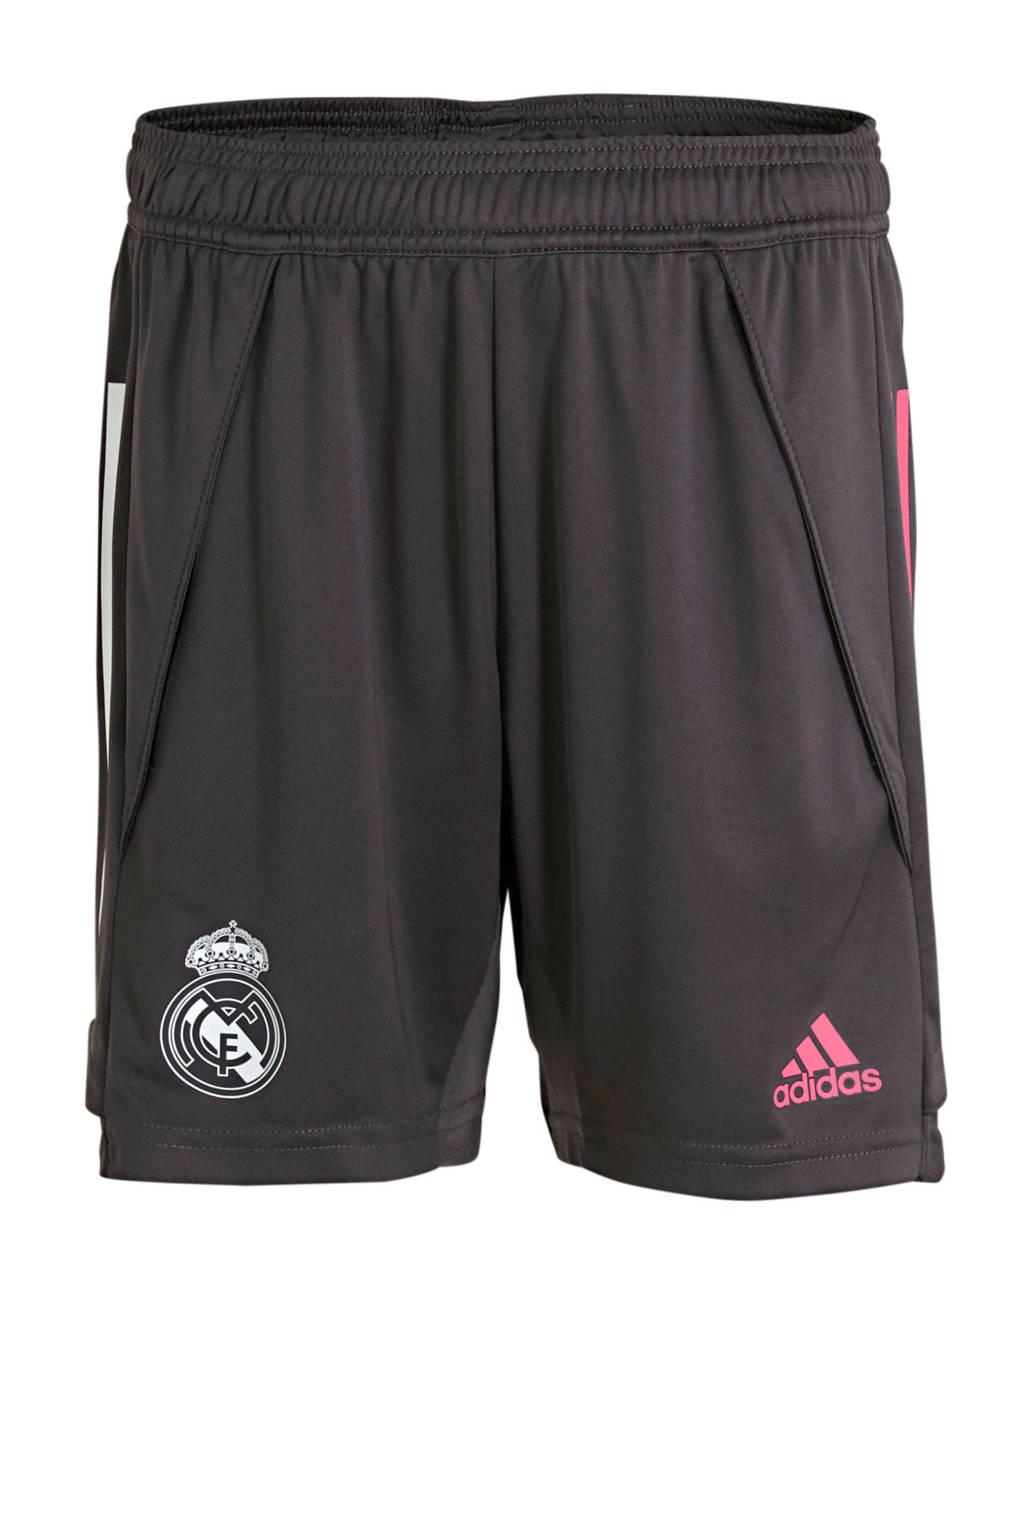 adidas Performance Junior Real Madrid training short grijs, Grijs